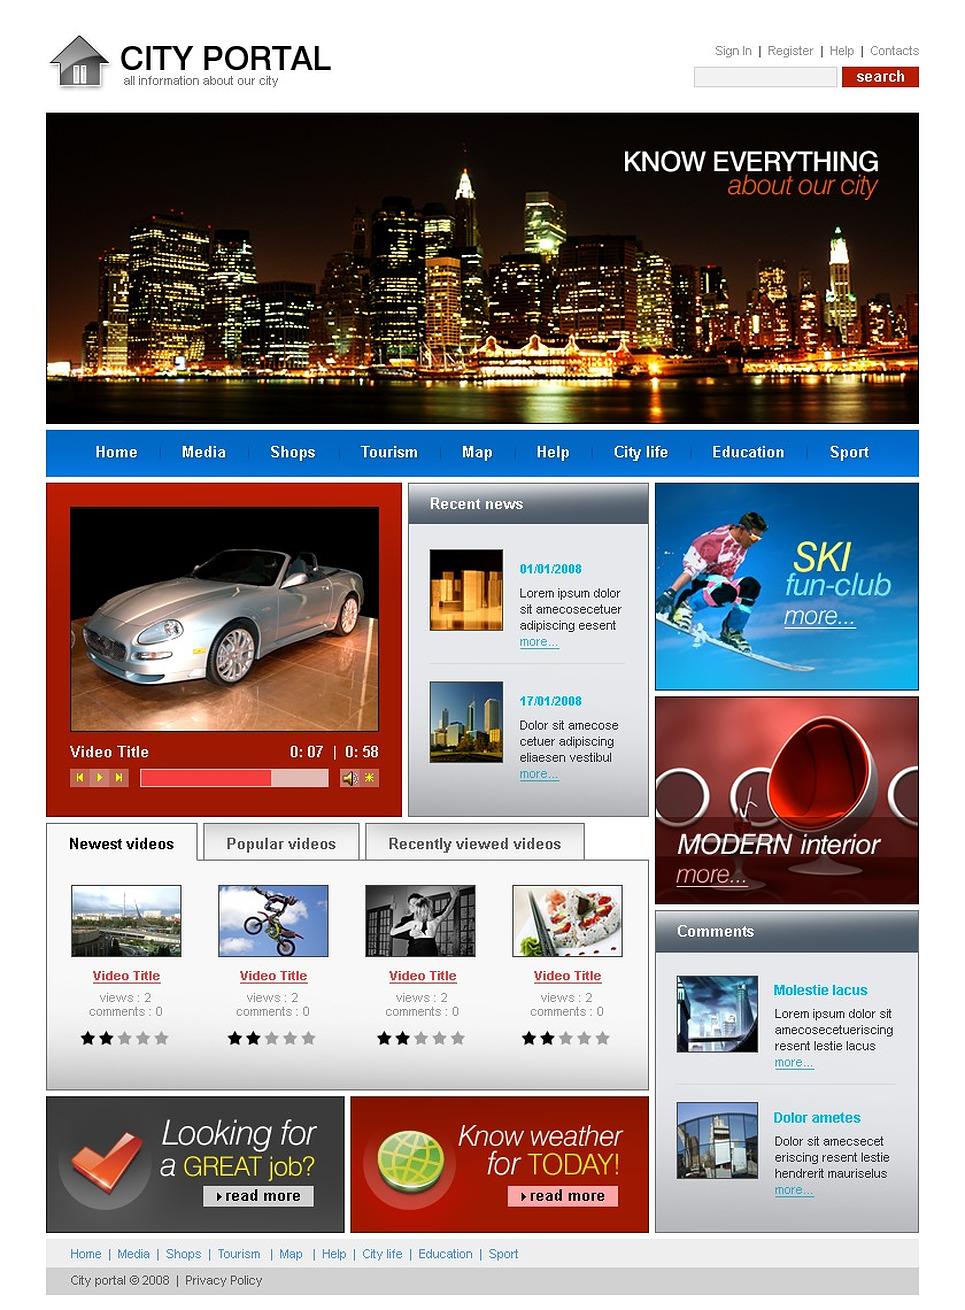 City Portal Website Template New Screenshots BIG